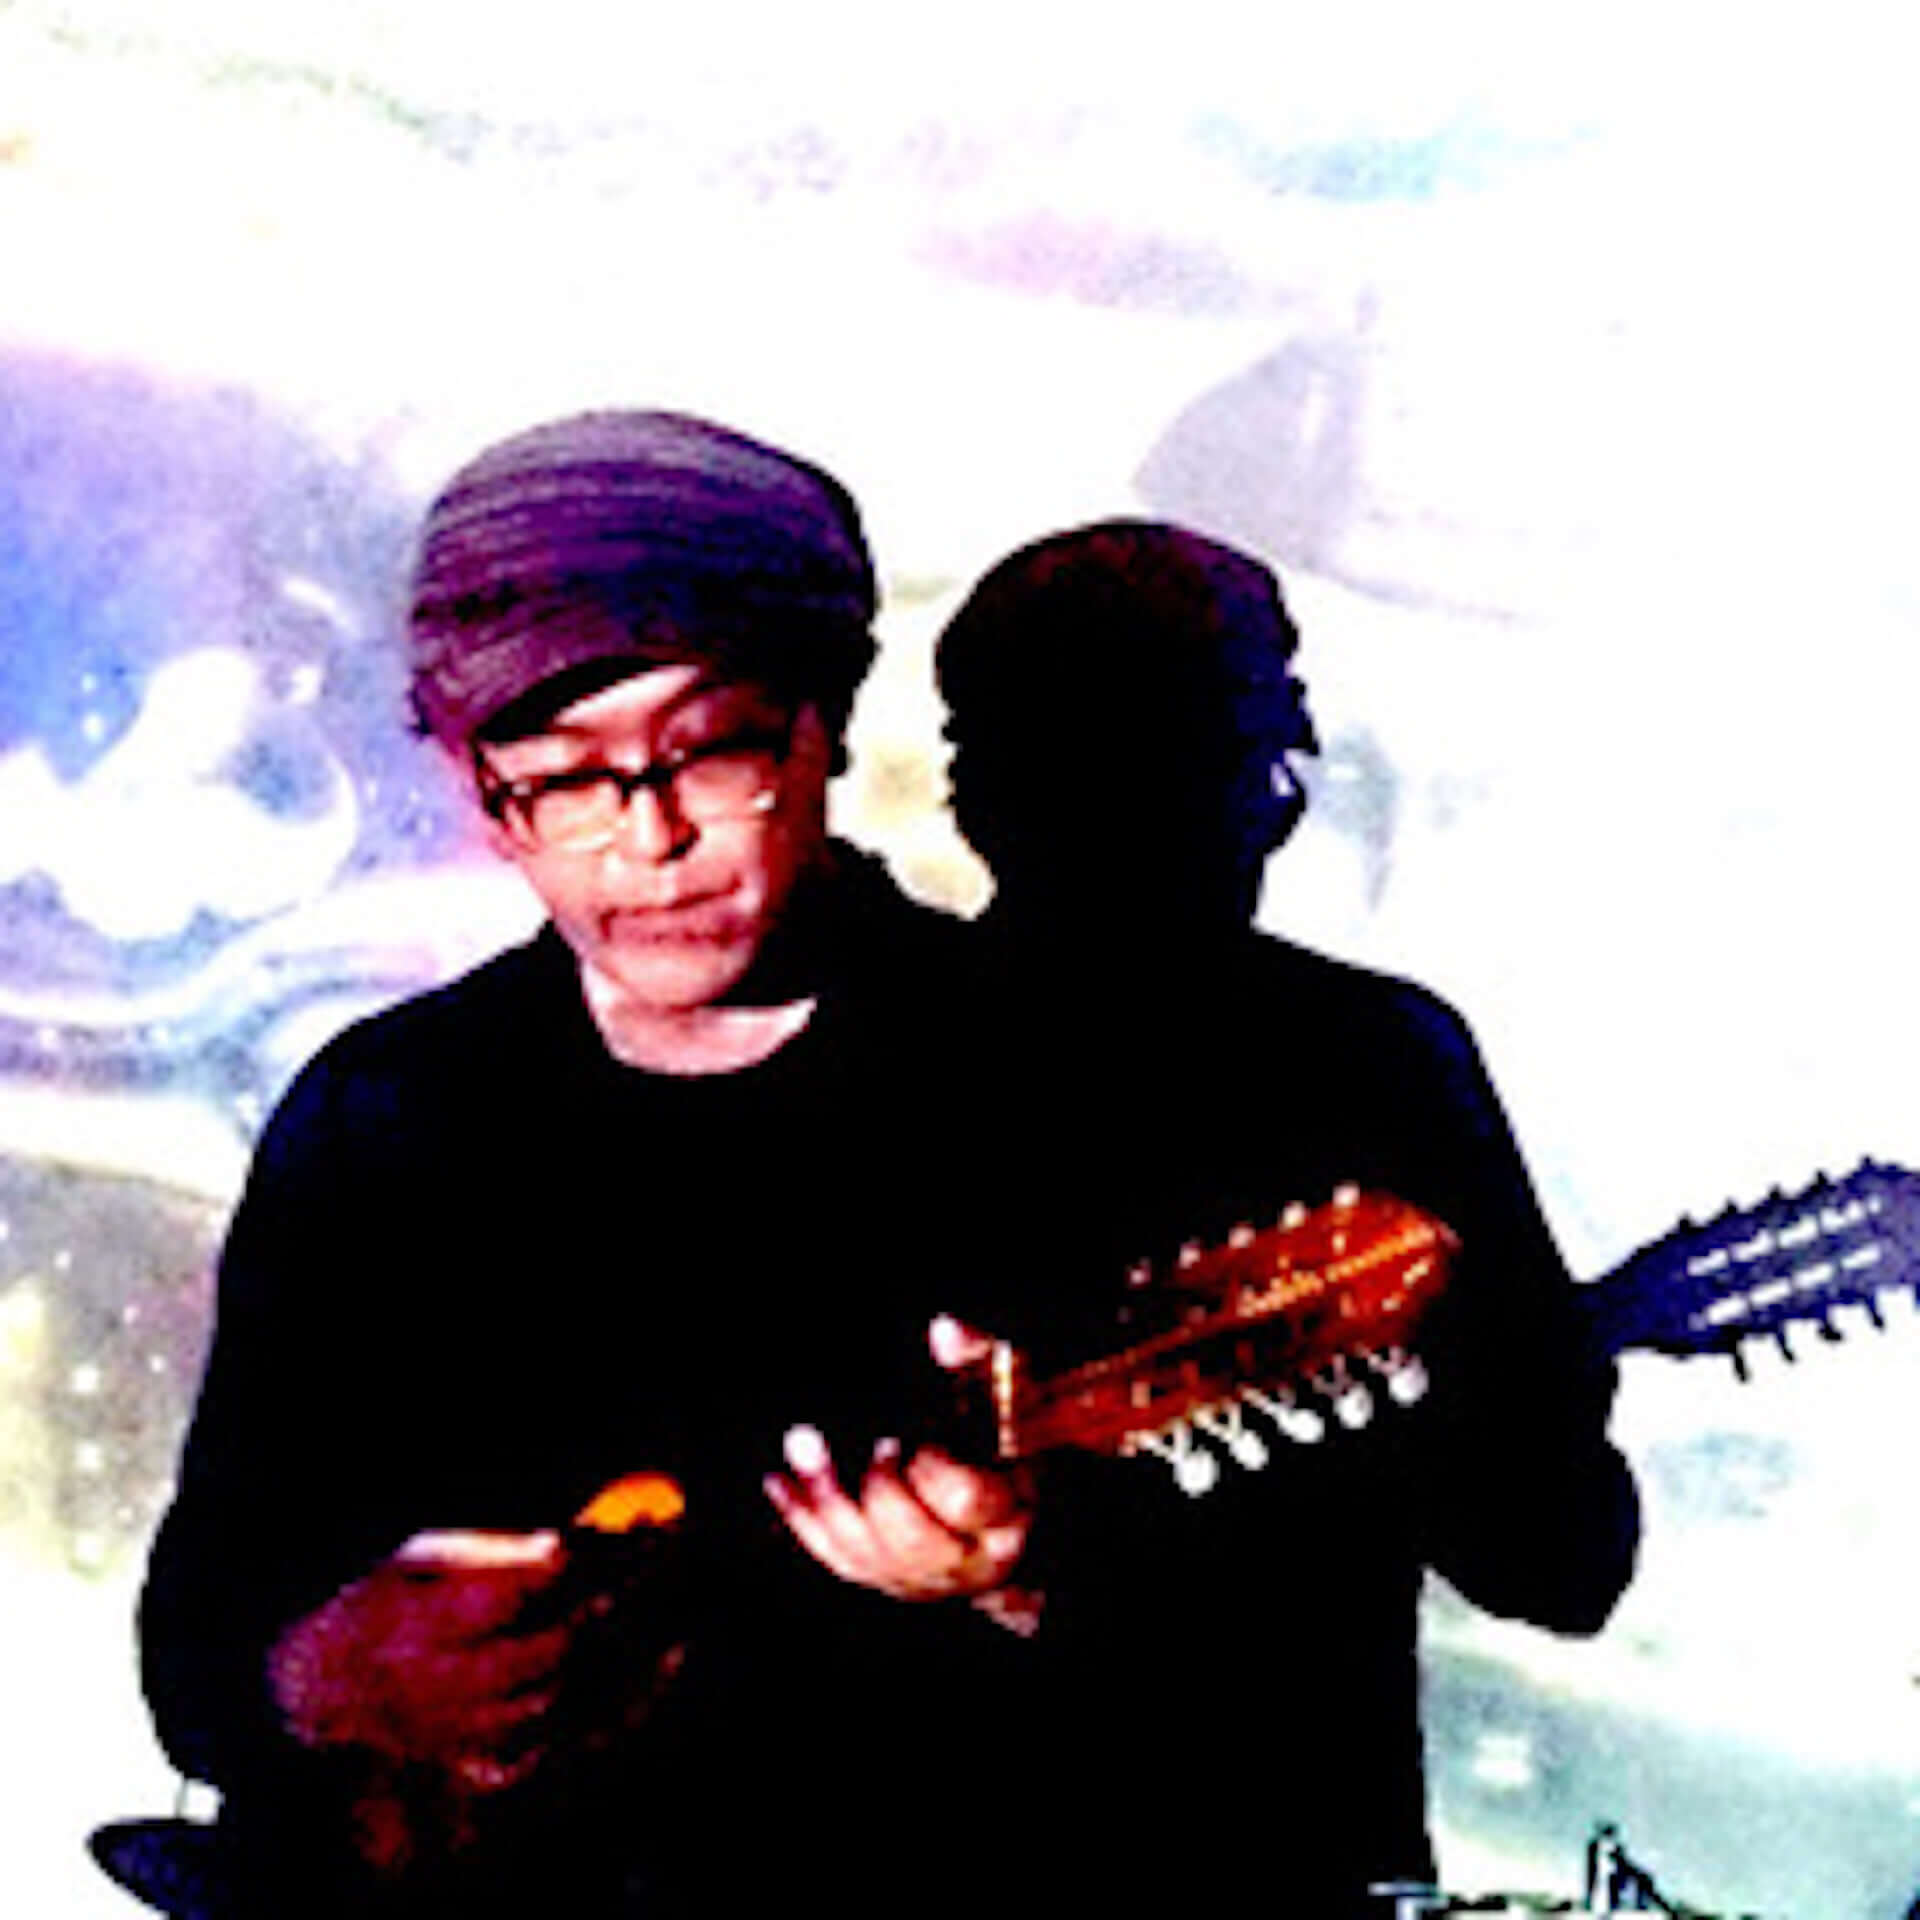 音楽家・山本精一と現代美術家・毛利悠子による<Park Live>が配信決定!音響彫刻とのコラボインスタレーションが展開 music200804_parklive_2-1920x1920